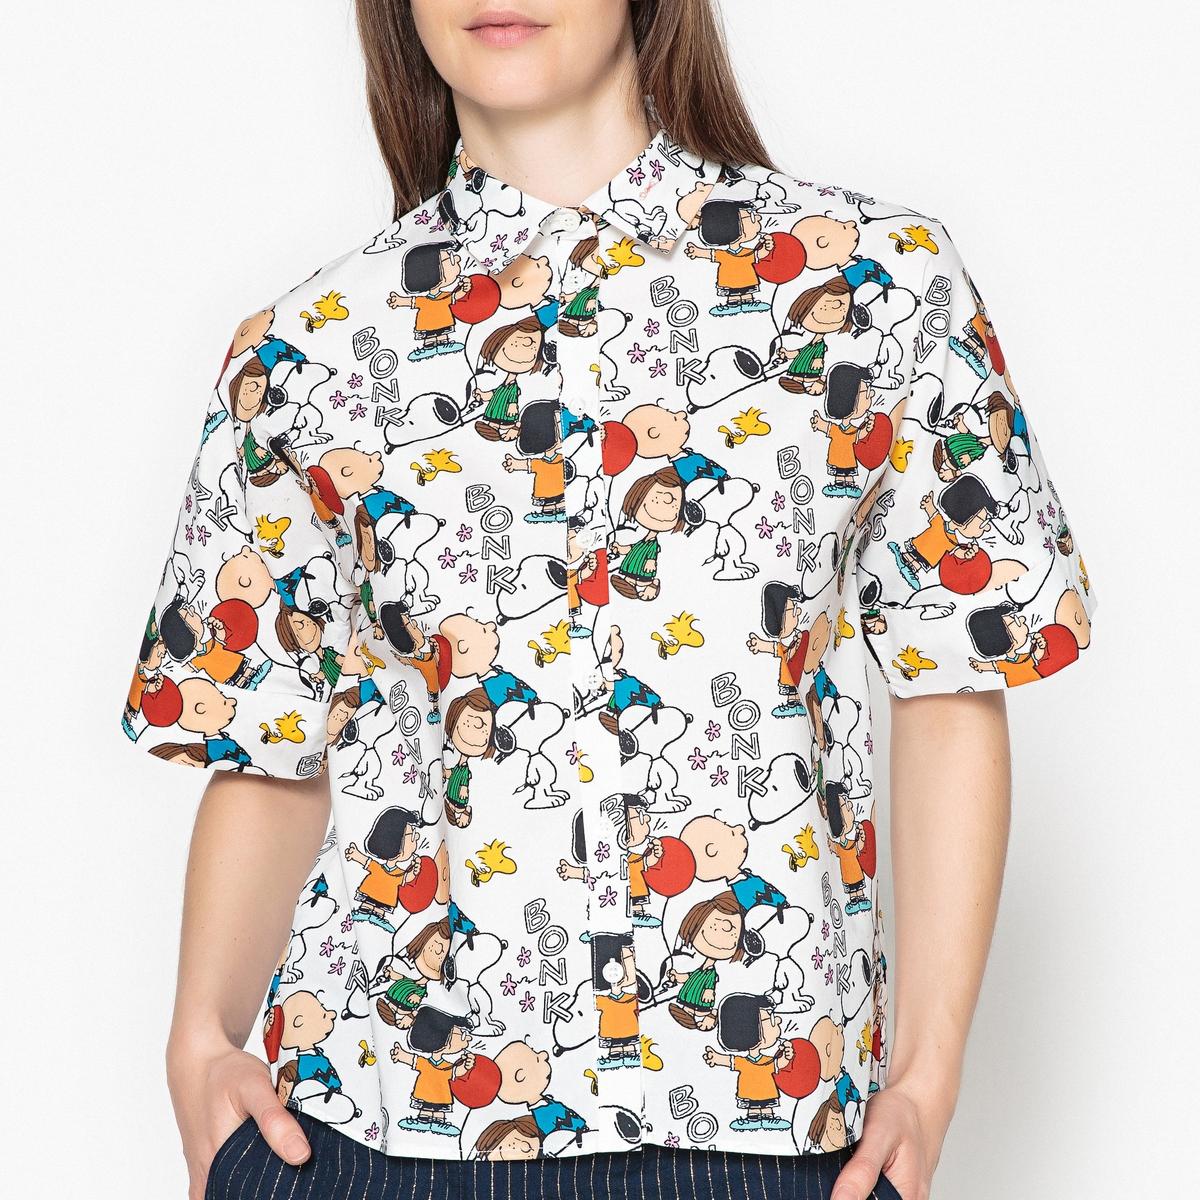 Рубашка с коротким рукавом с рисунком Snoopy PEANUTSРубашка с коротким рукавом от PAUL AND JOE SISTER - модель PEANUTS. Рисунок Snoopy спереди, широкая кромка на рукавах. Рубашка на пуговицах, воротник со свободными уголками.Детали •  Длинные рукава •  Прямой покрой •  Воротник-поло •  Рисунок-принт •  Уголки воротника на пуговицахСостав и уход •  100% хлопок •  Следуйте советам по уходу, указанным на этикетке •  Длина ок. 58 см. для размера 36<br><br>Цвет: белый